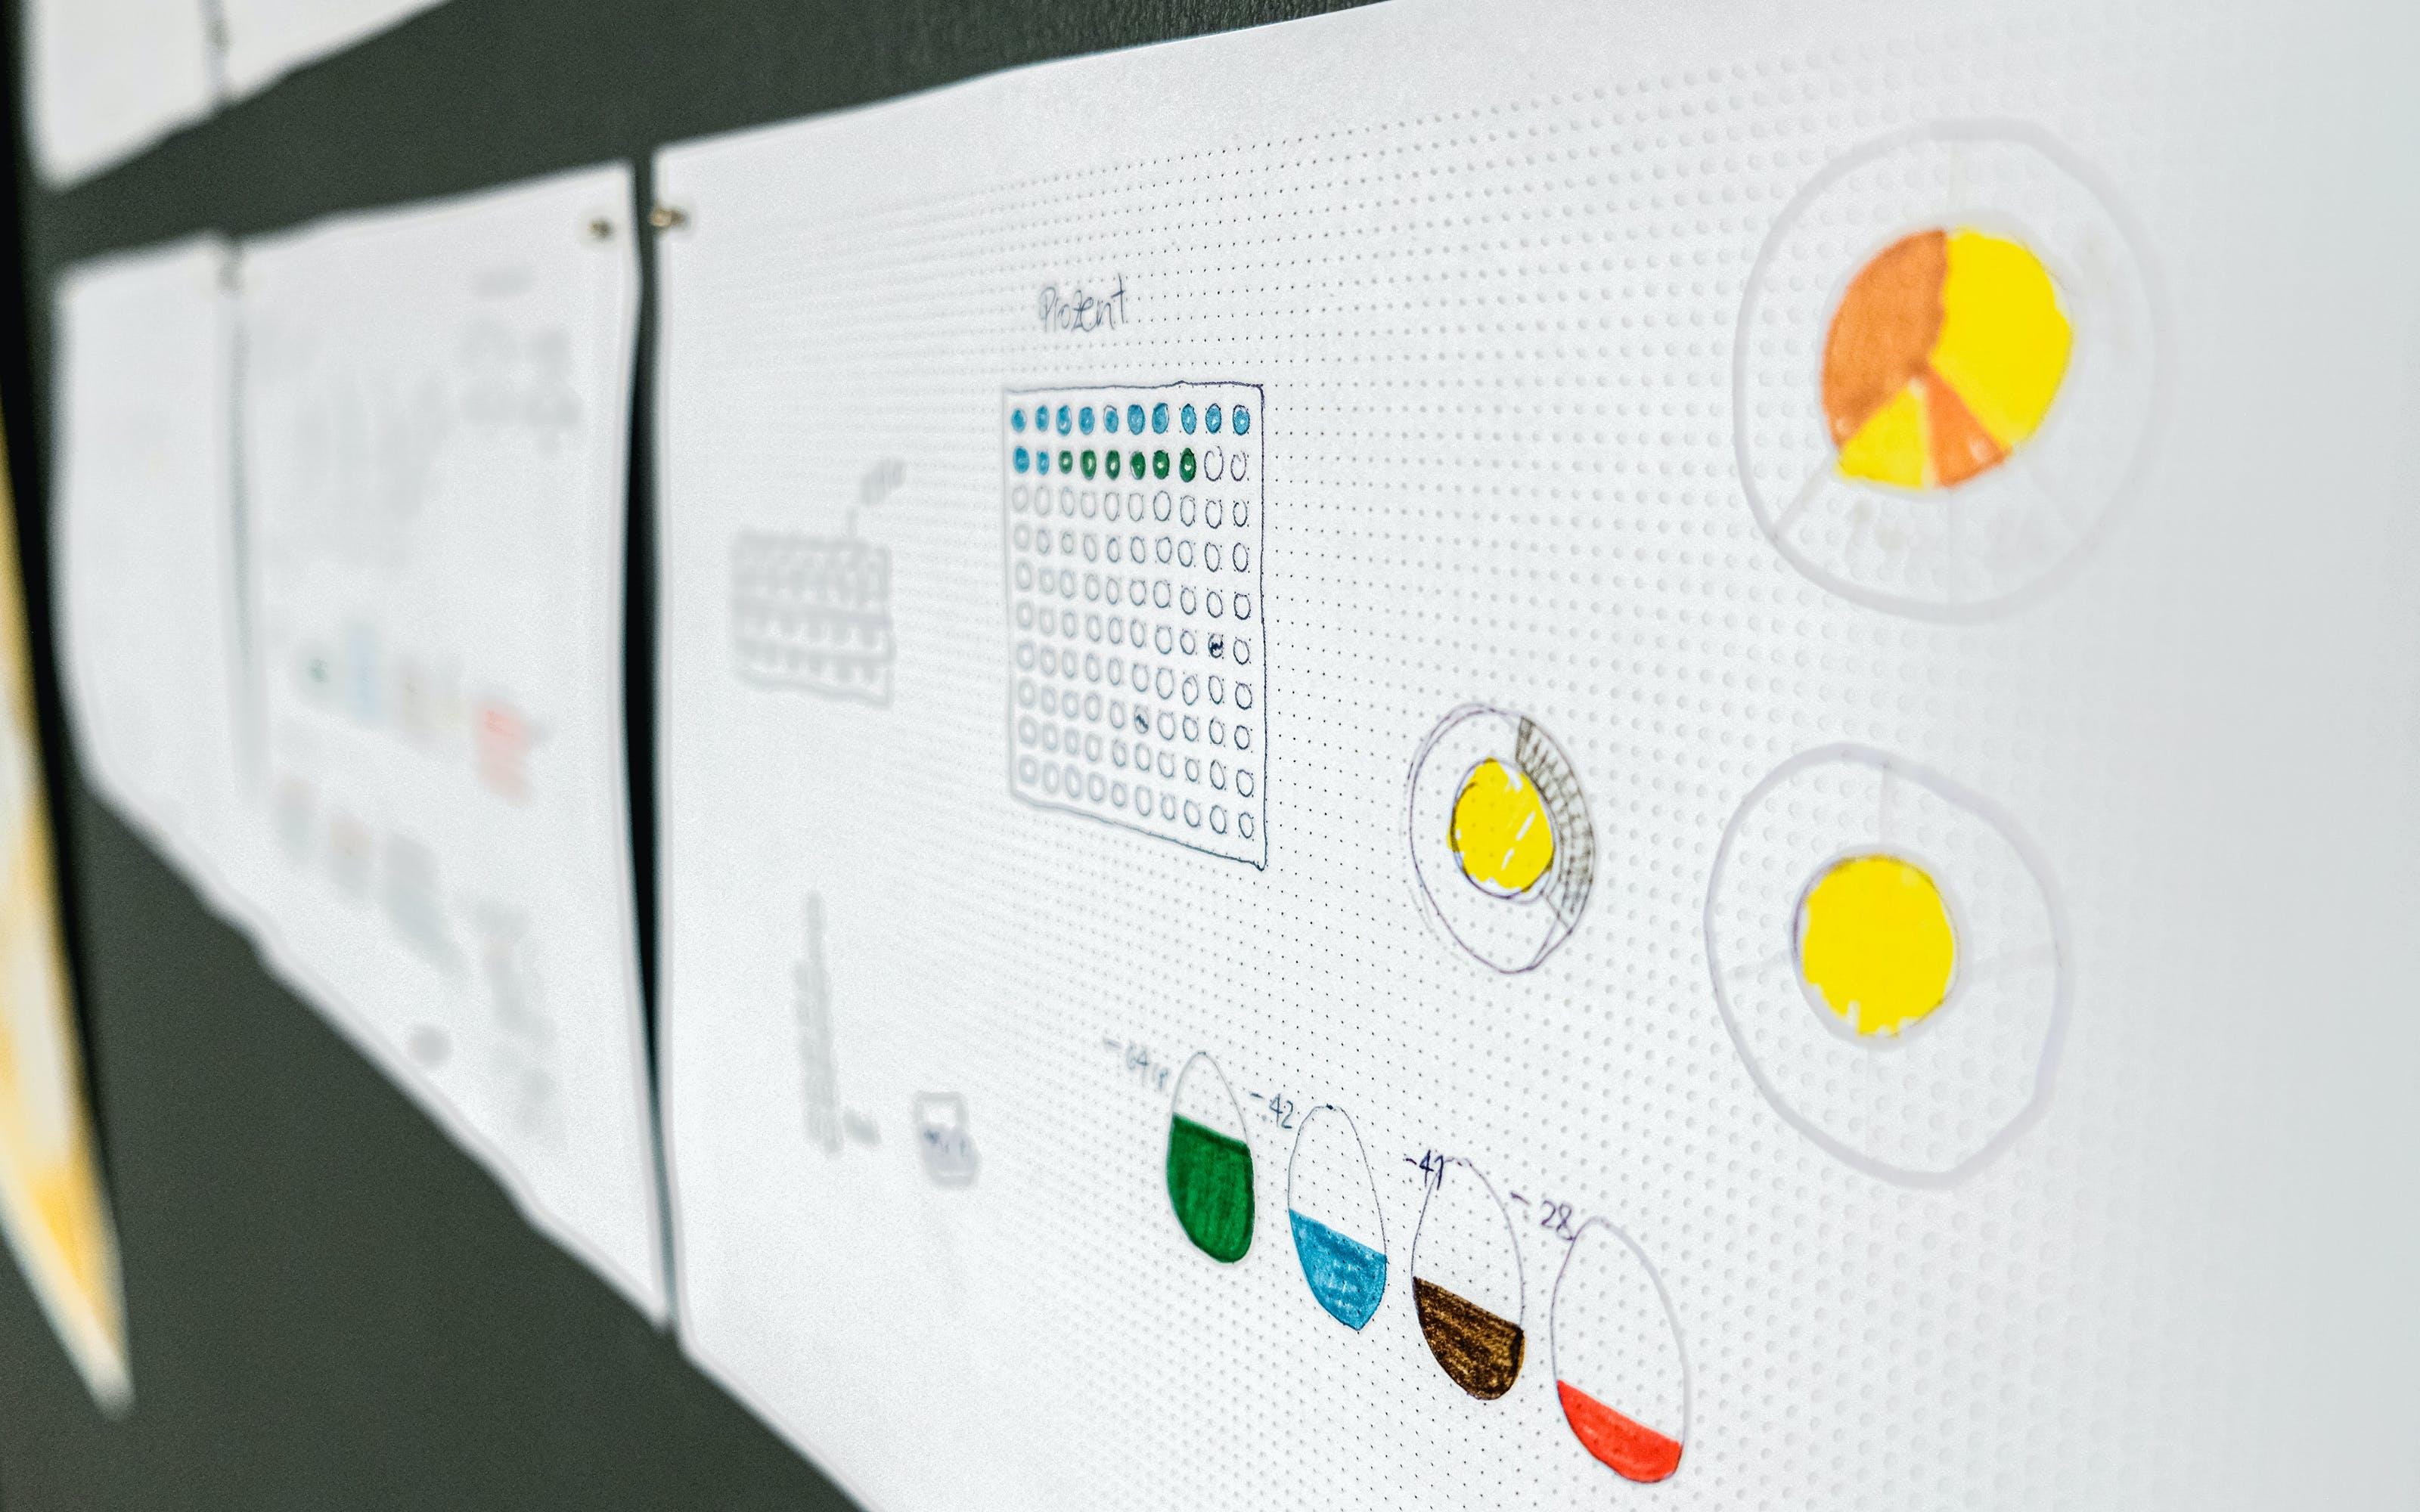 superdot BLW landwirtschaft daten dashboard